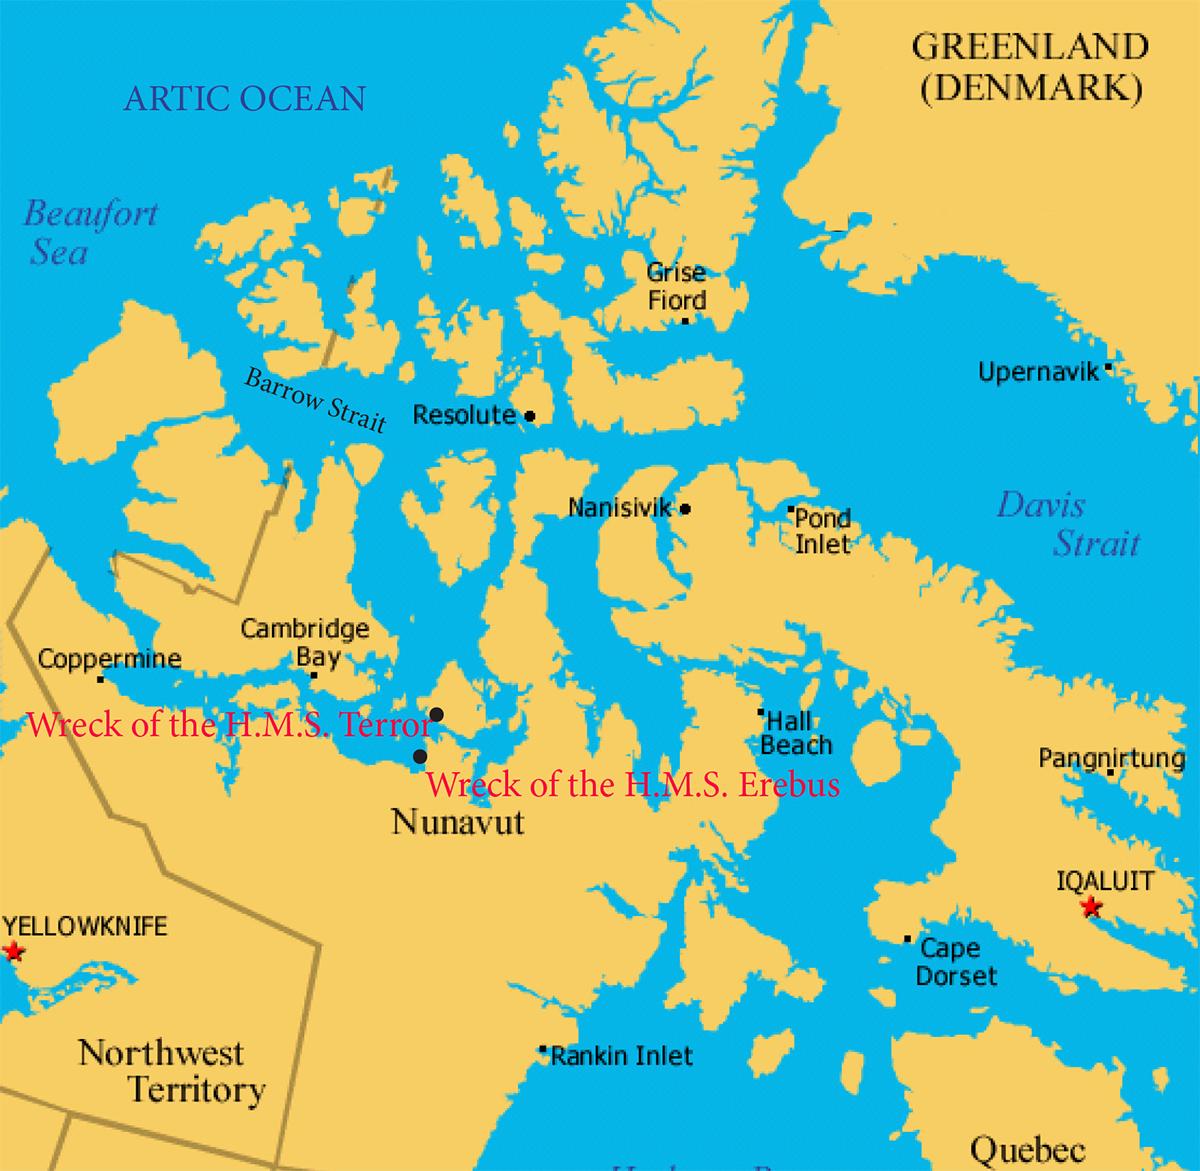 hms-terror-map-northern-canada-arctic-ocean